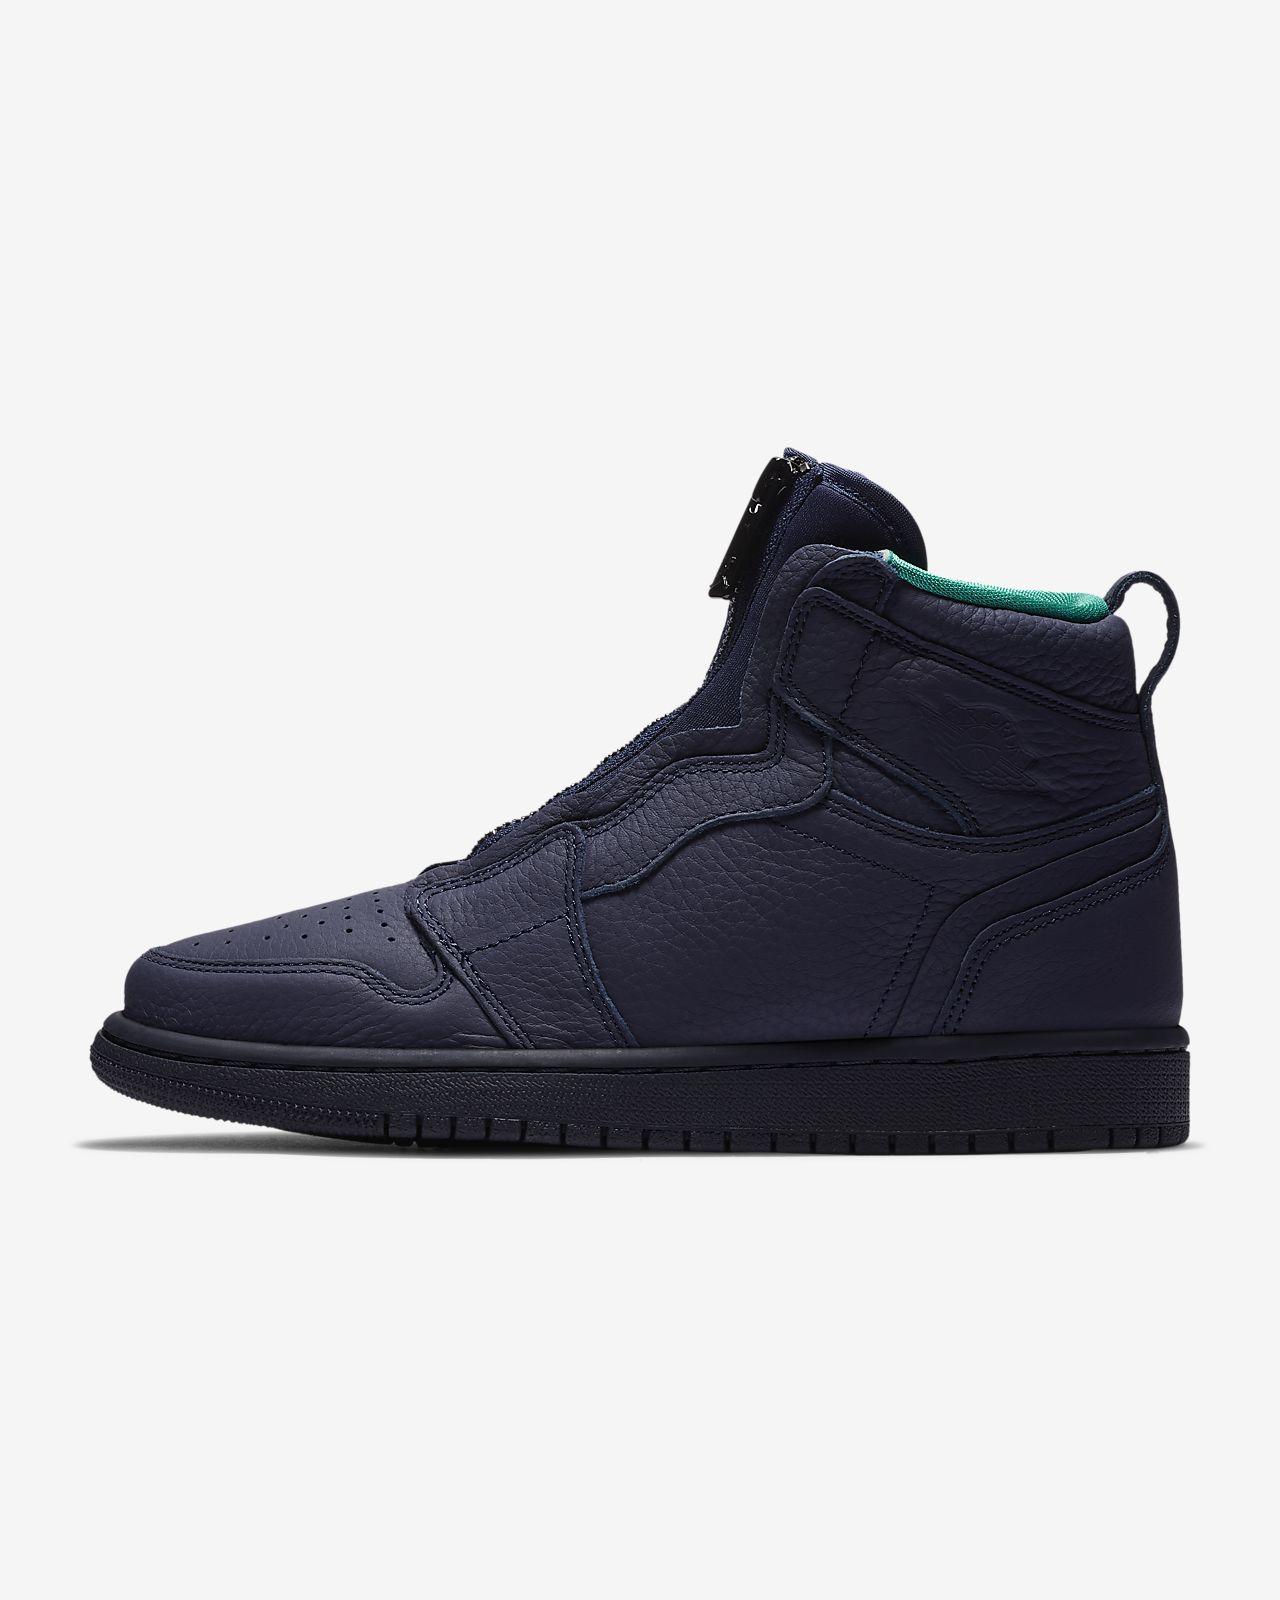 Air Jordan 1 High Zip Damesschoen